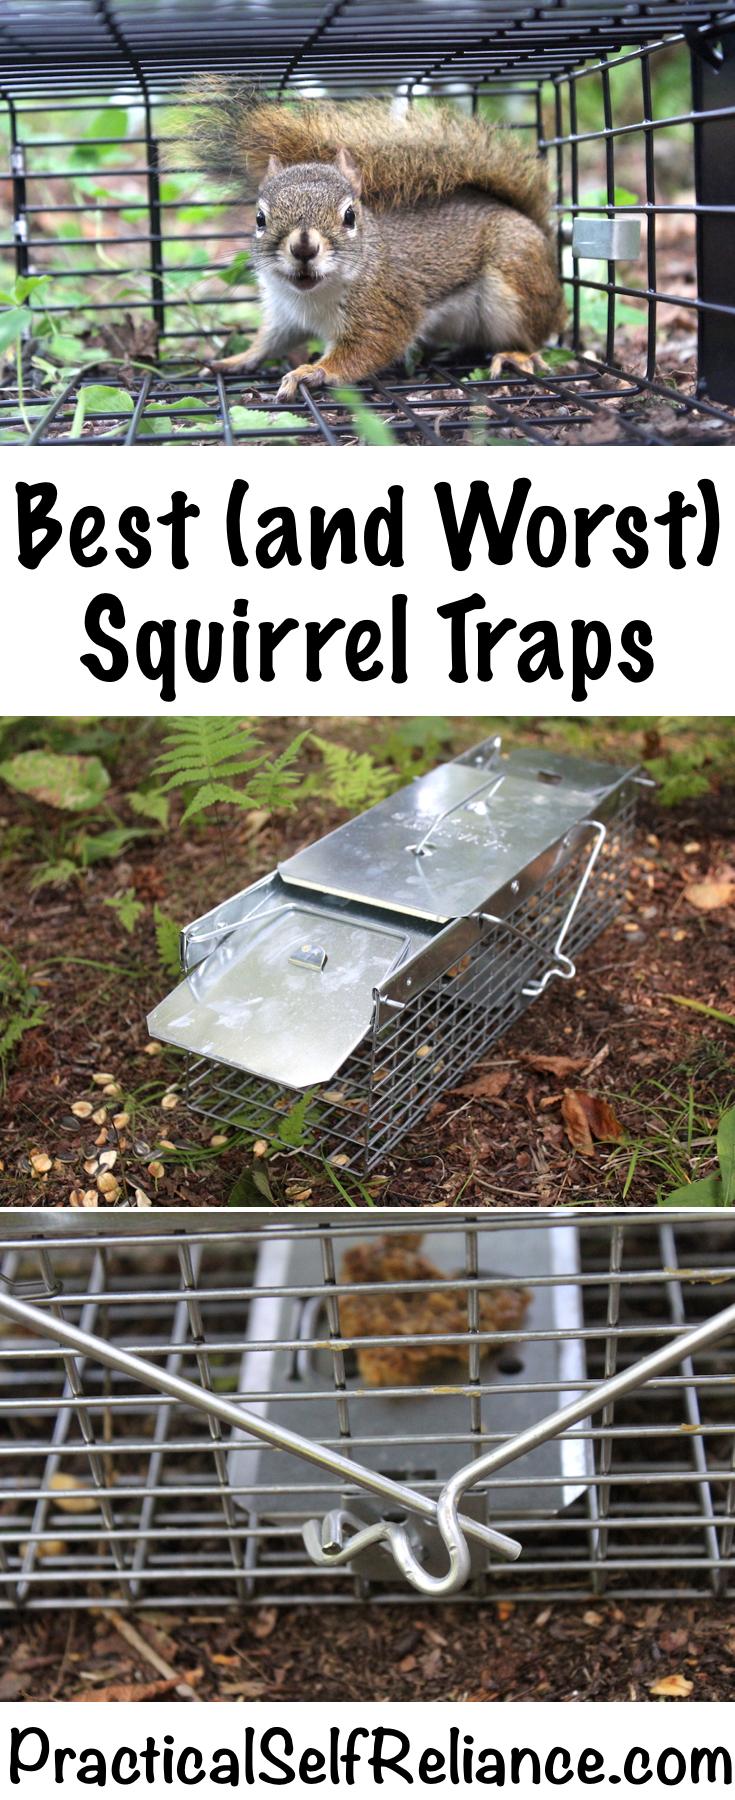 Best Squirrel Traps ~ Best and Worst Squirrel Traps ~ Squirrel Traps that Work